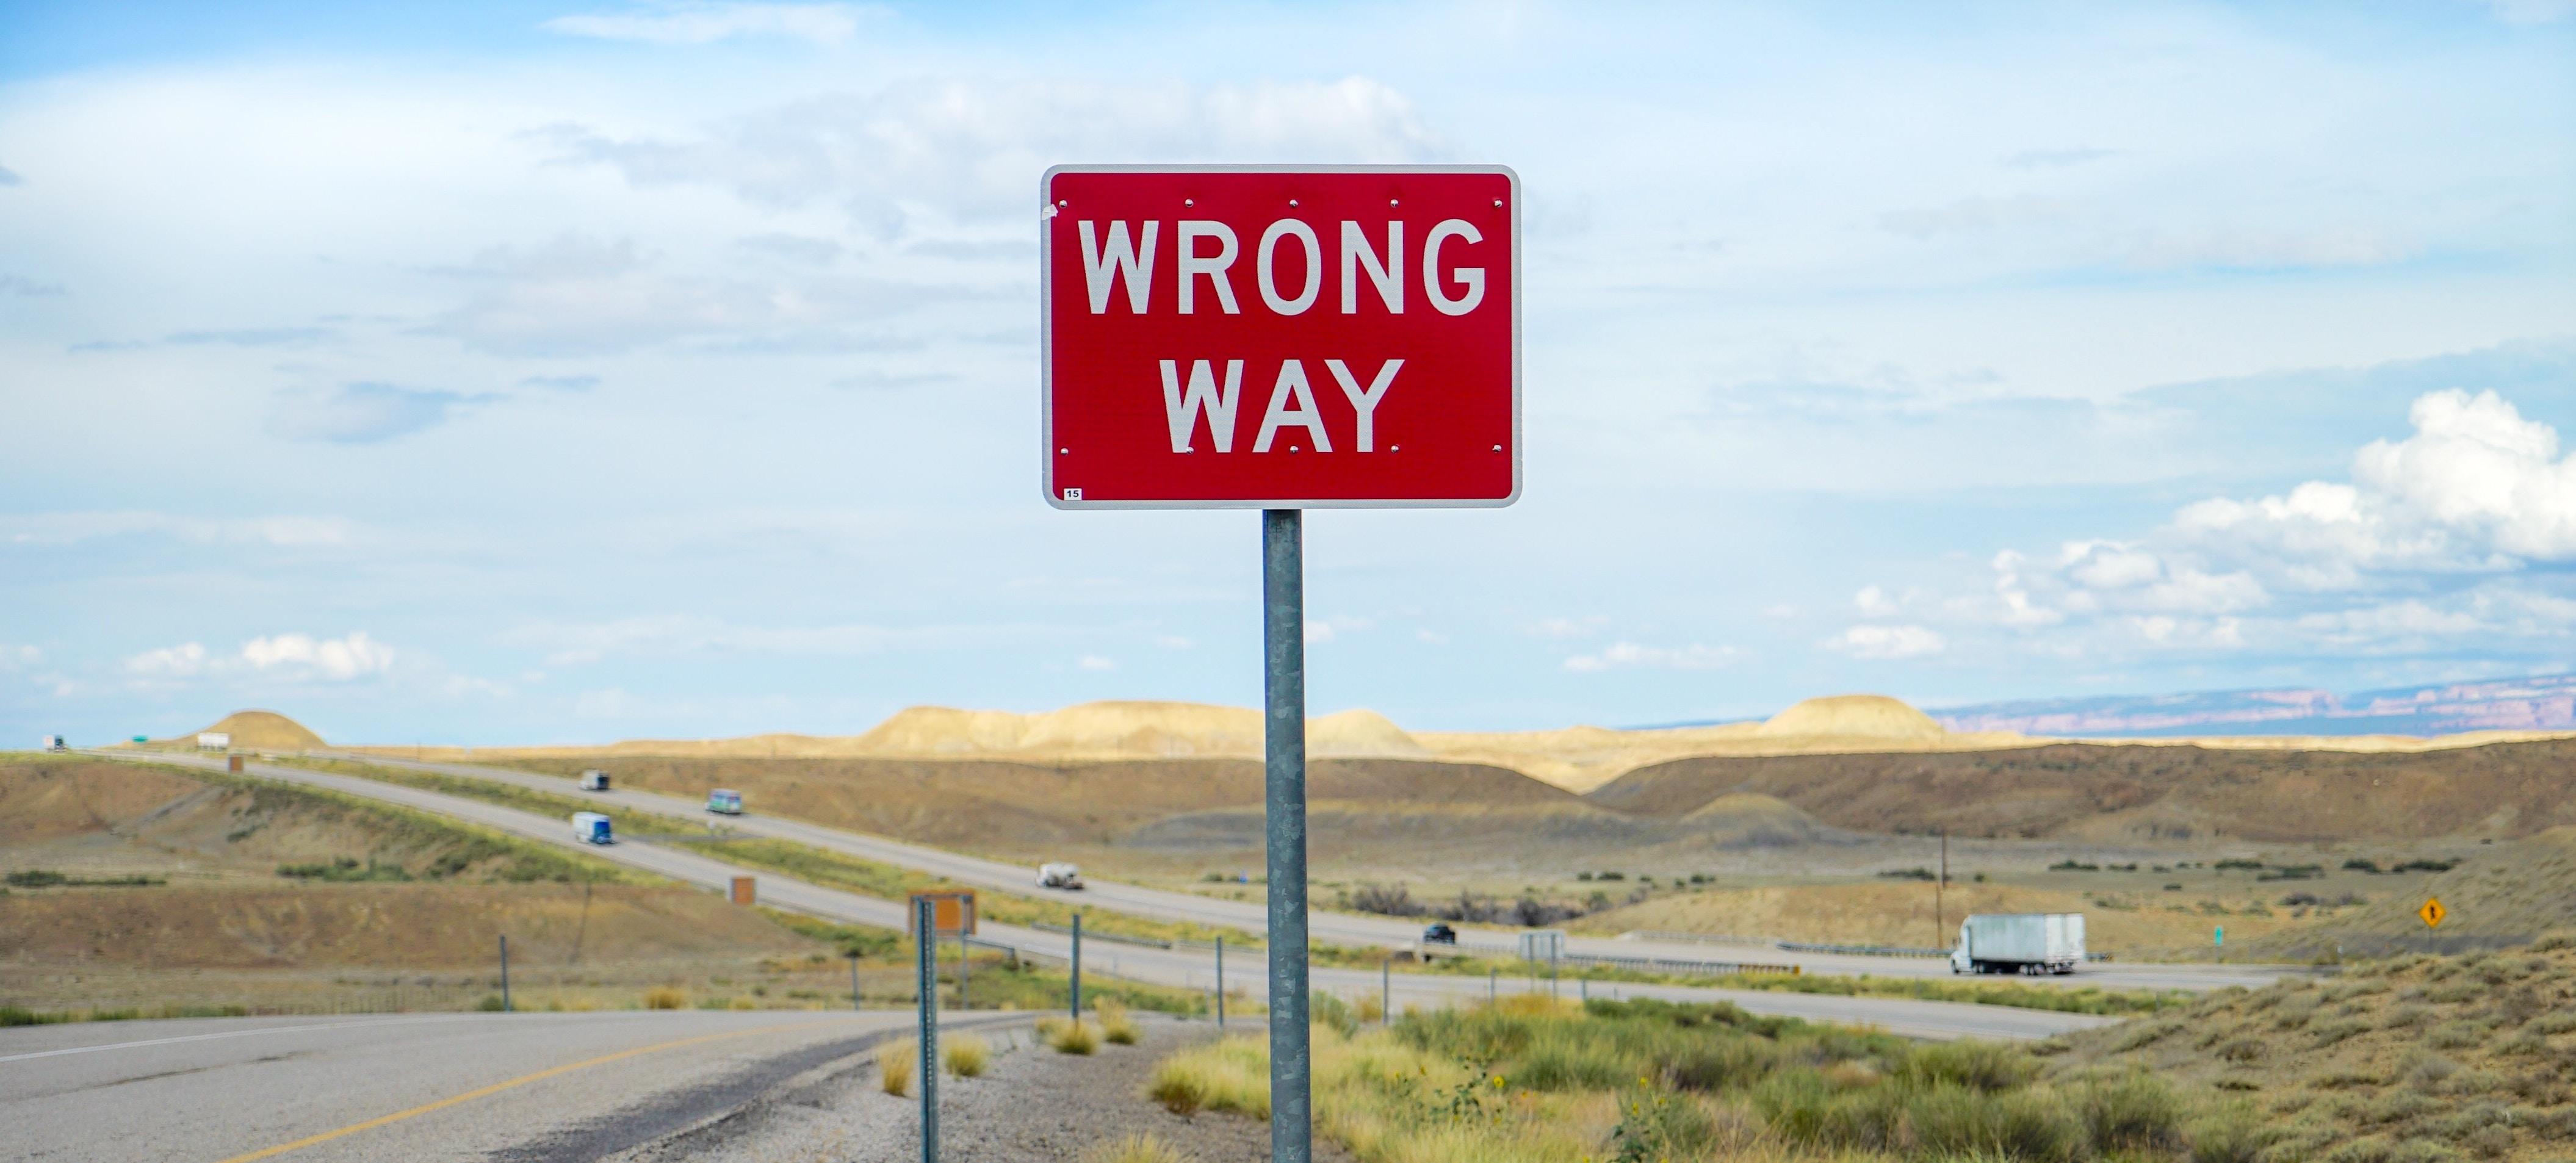 5 fejl du bør undgå i din jobsøgning